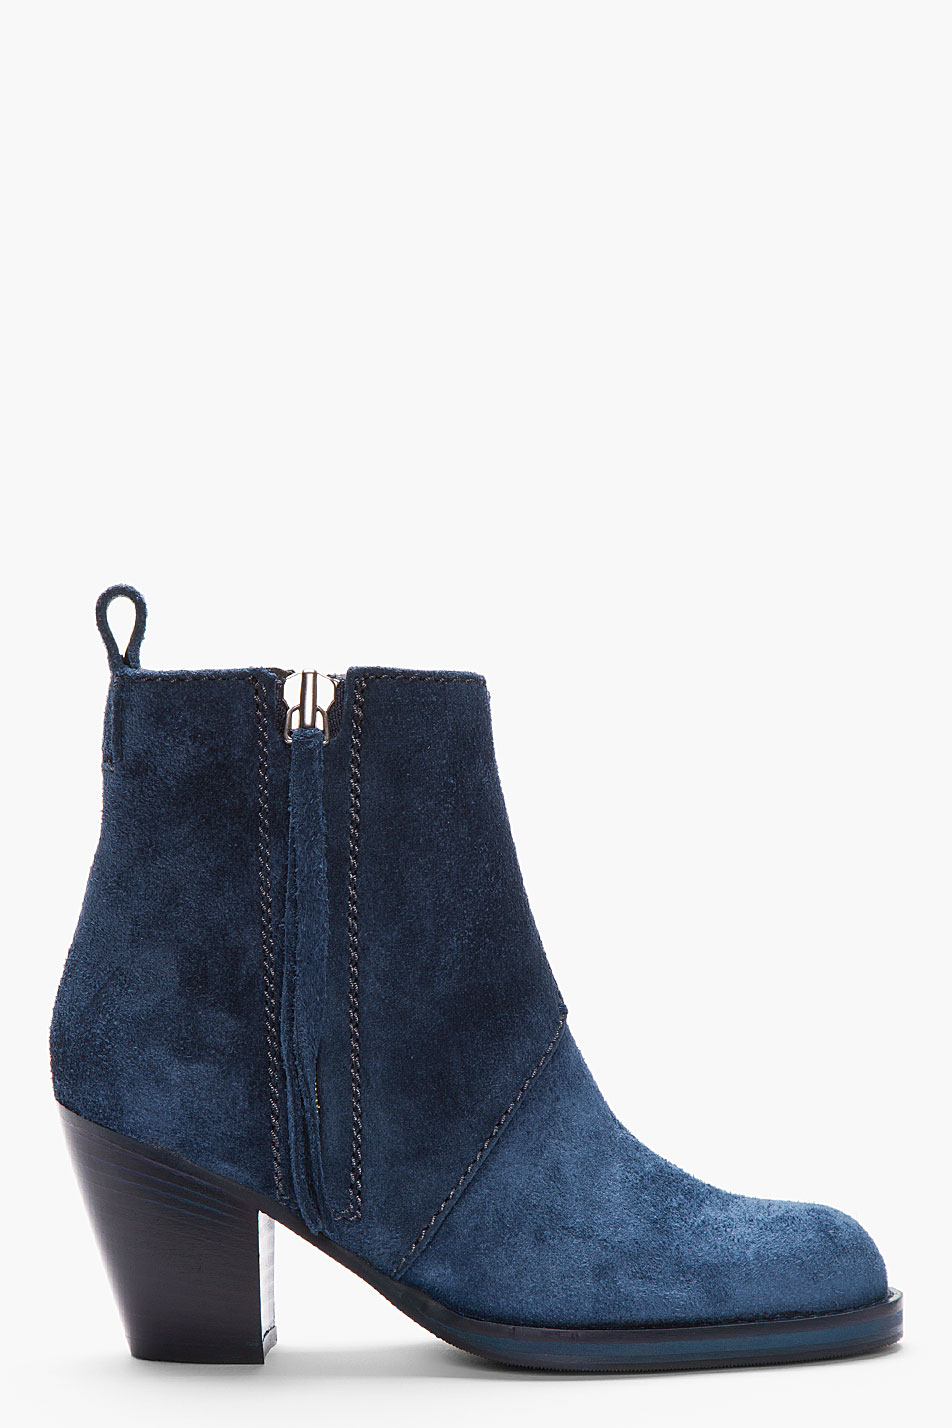 Pistol Heel Shoes